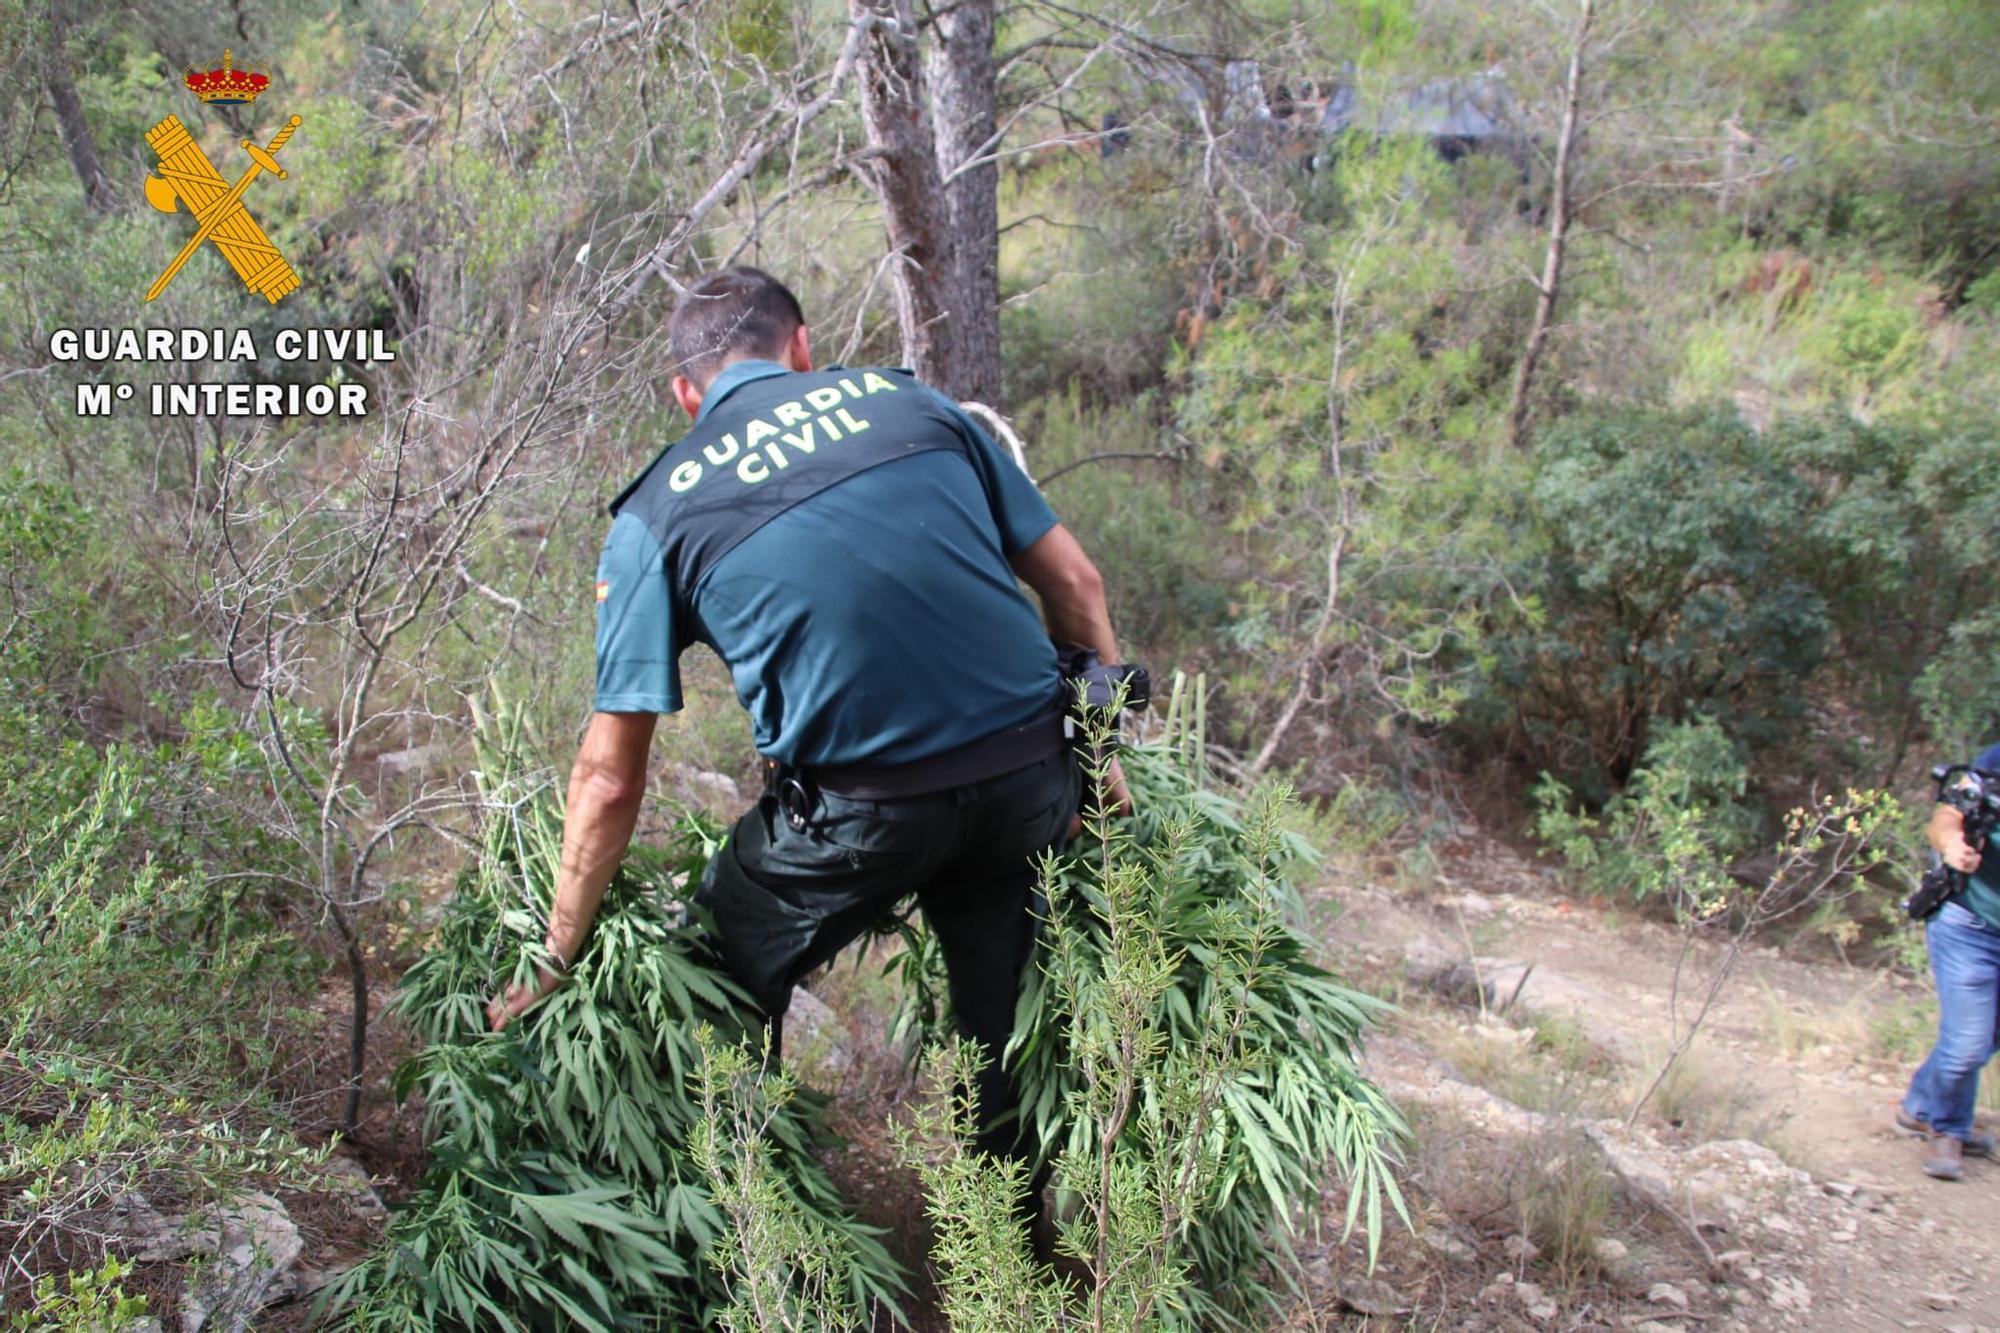 FOTOGALERÍA   Desmantelada en Fayón la tercera macroplantación de marihuana al aire libre en los últimos quince días en la provincia de Zaragoza